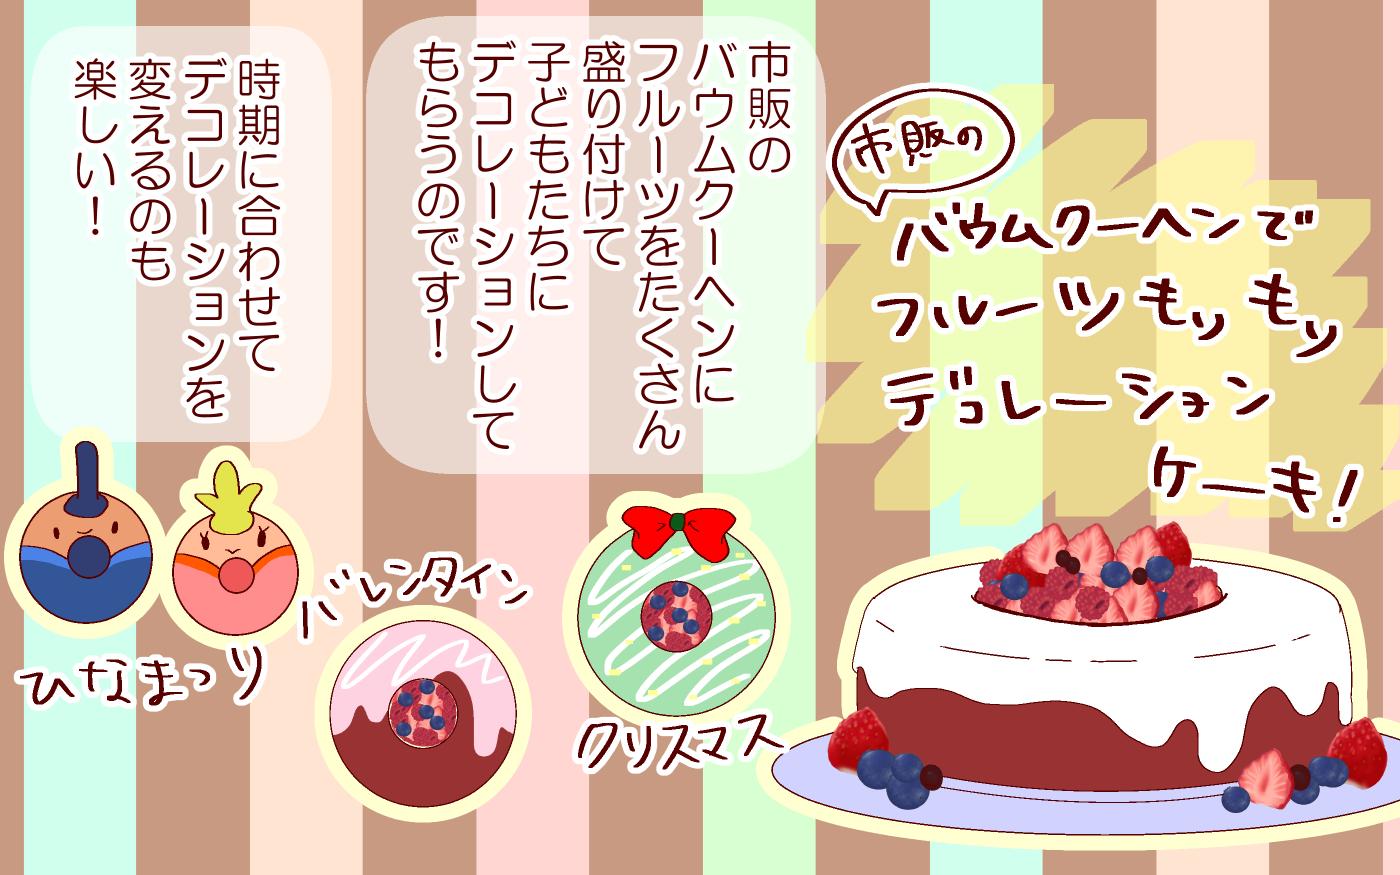 おうちで簡単に! フルーツいっぱいお手軽ケーキがバレンタインにも活躍